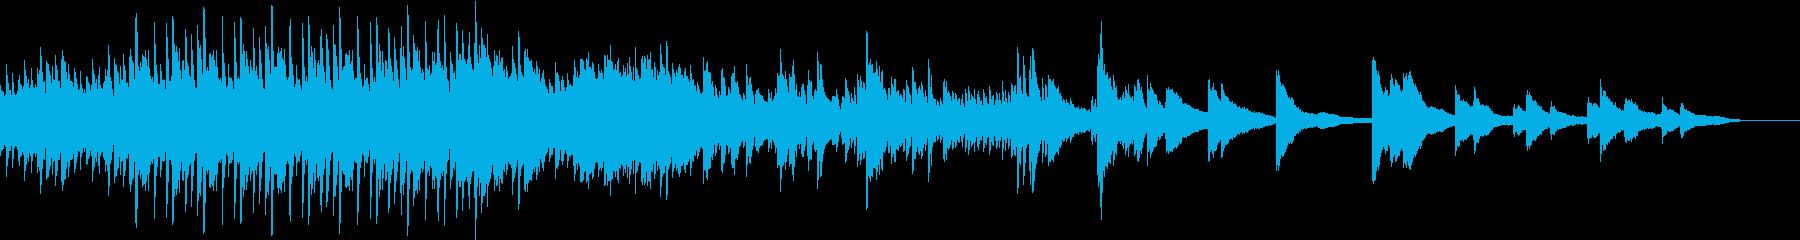 水をイメージしたピアノ曲の再生済みの波形